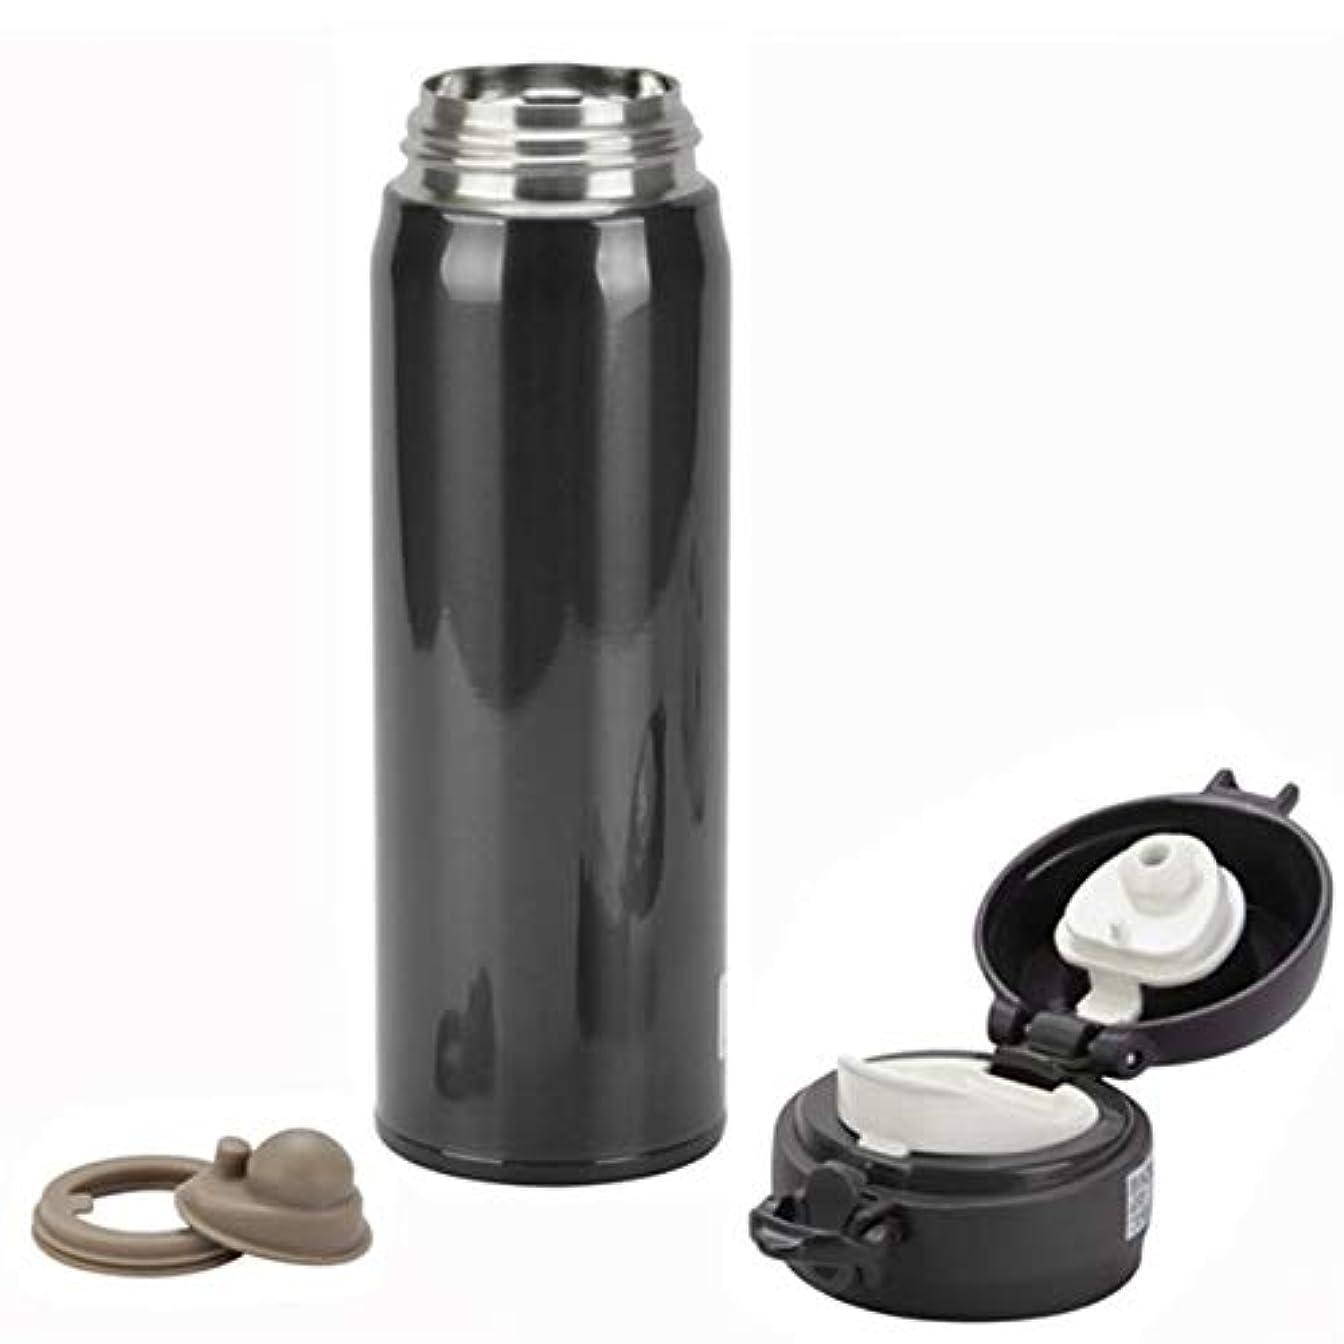 大惨事特別に天のSaikogoods 真空カップ 450ミリリットル ステンレス鋼 ウォーターボトル 飲料ボトル 断熱カップ ポットを保つ運動をする ソリッドカラー シンプルなデザイン 黒